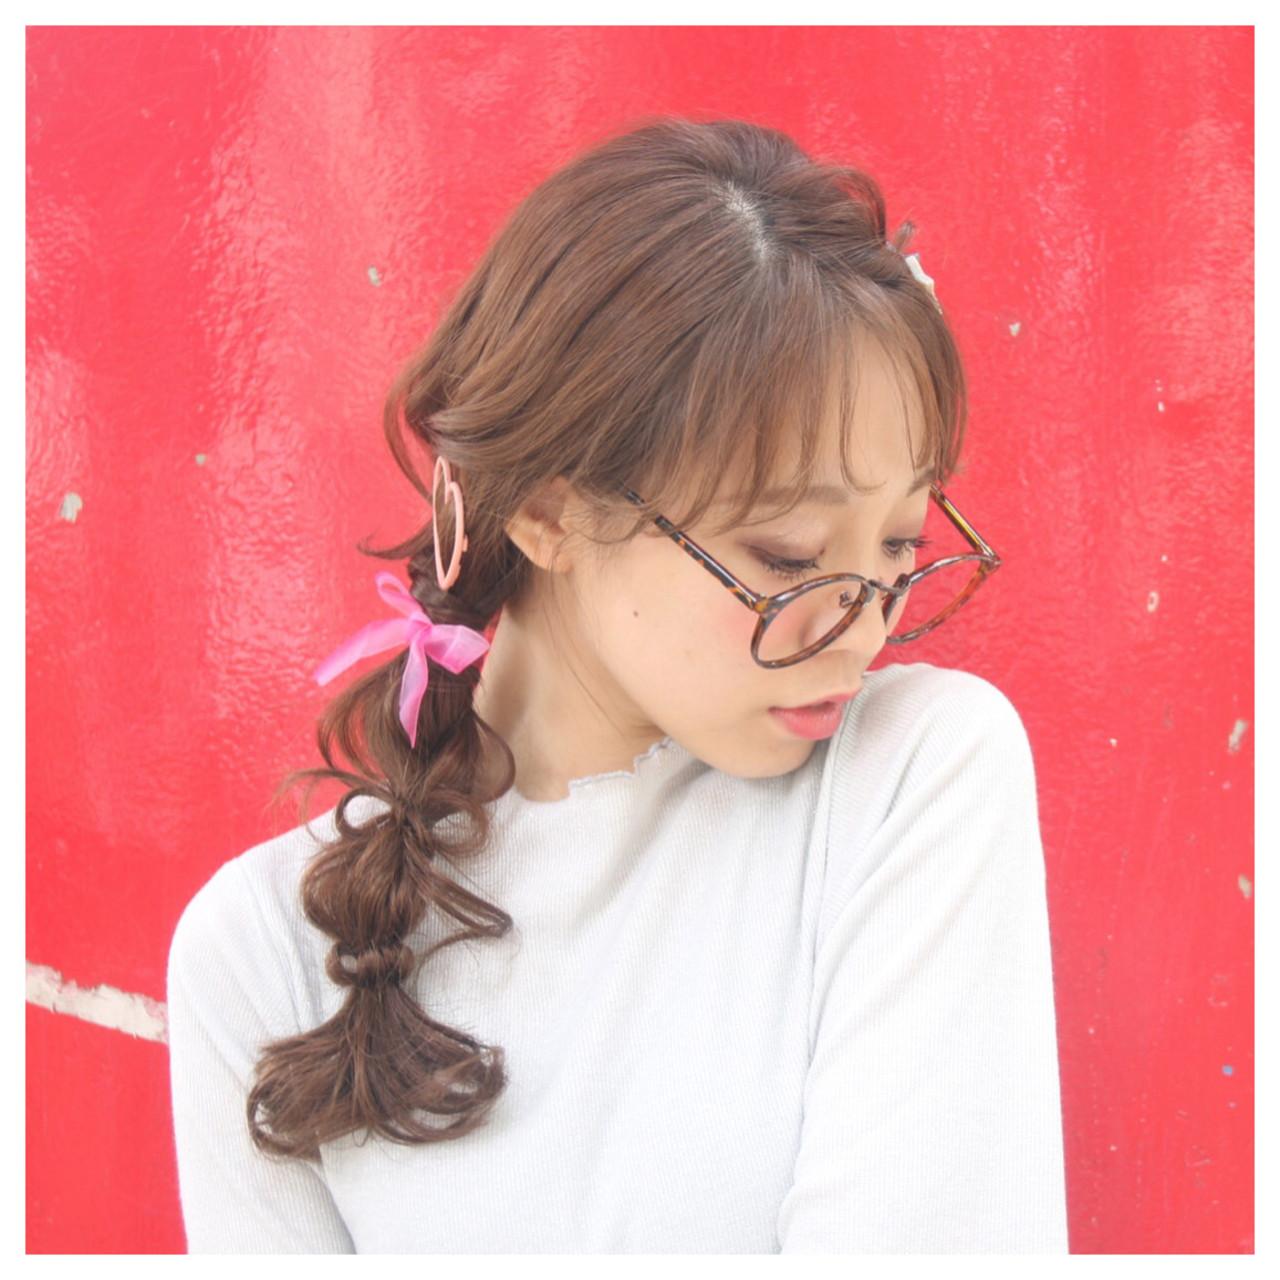 ガーリー ヘアアレンジ 編み込み ロング ヘアスタイルや髪型の写真・画像